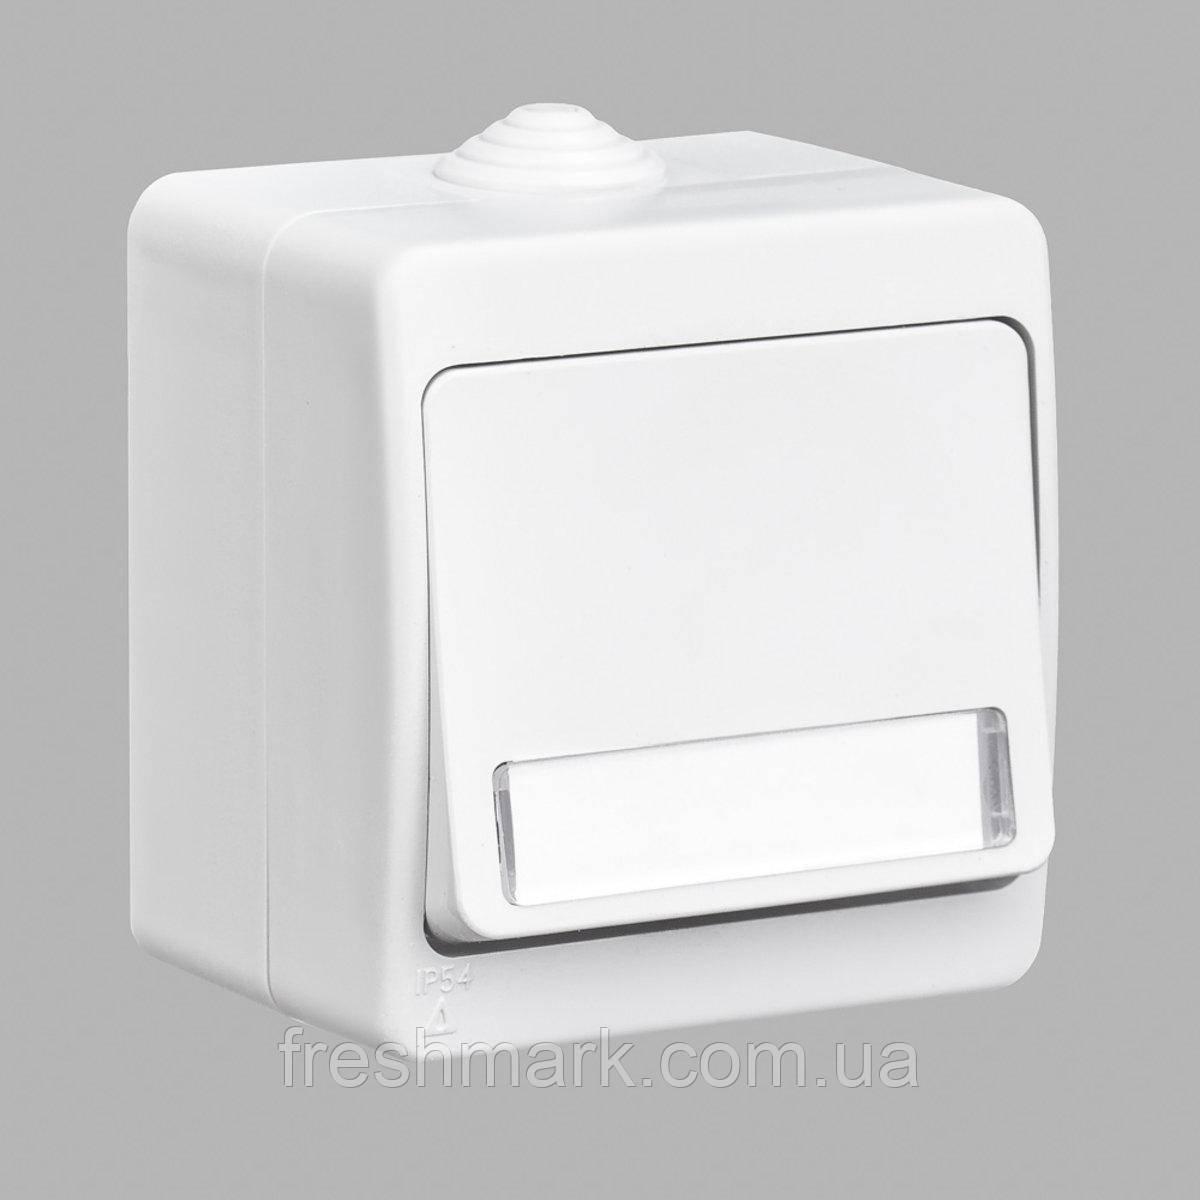 Кнопка звонка GUNSAN Nemliyer  с подсветкой и местом под этикетку влагозащищенная Белая